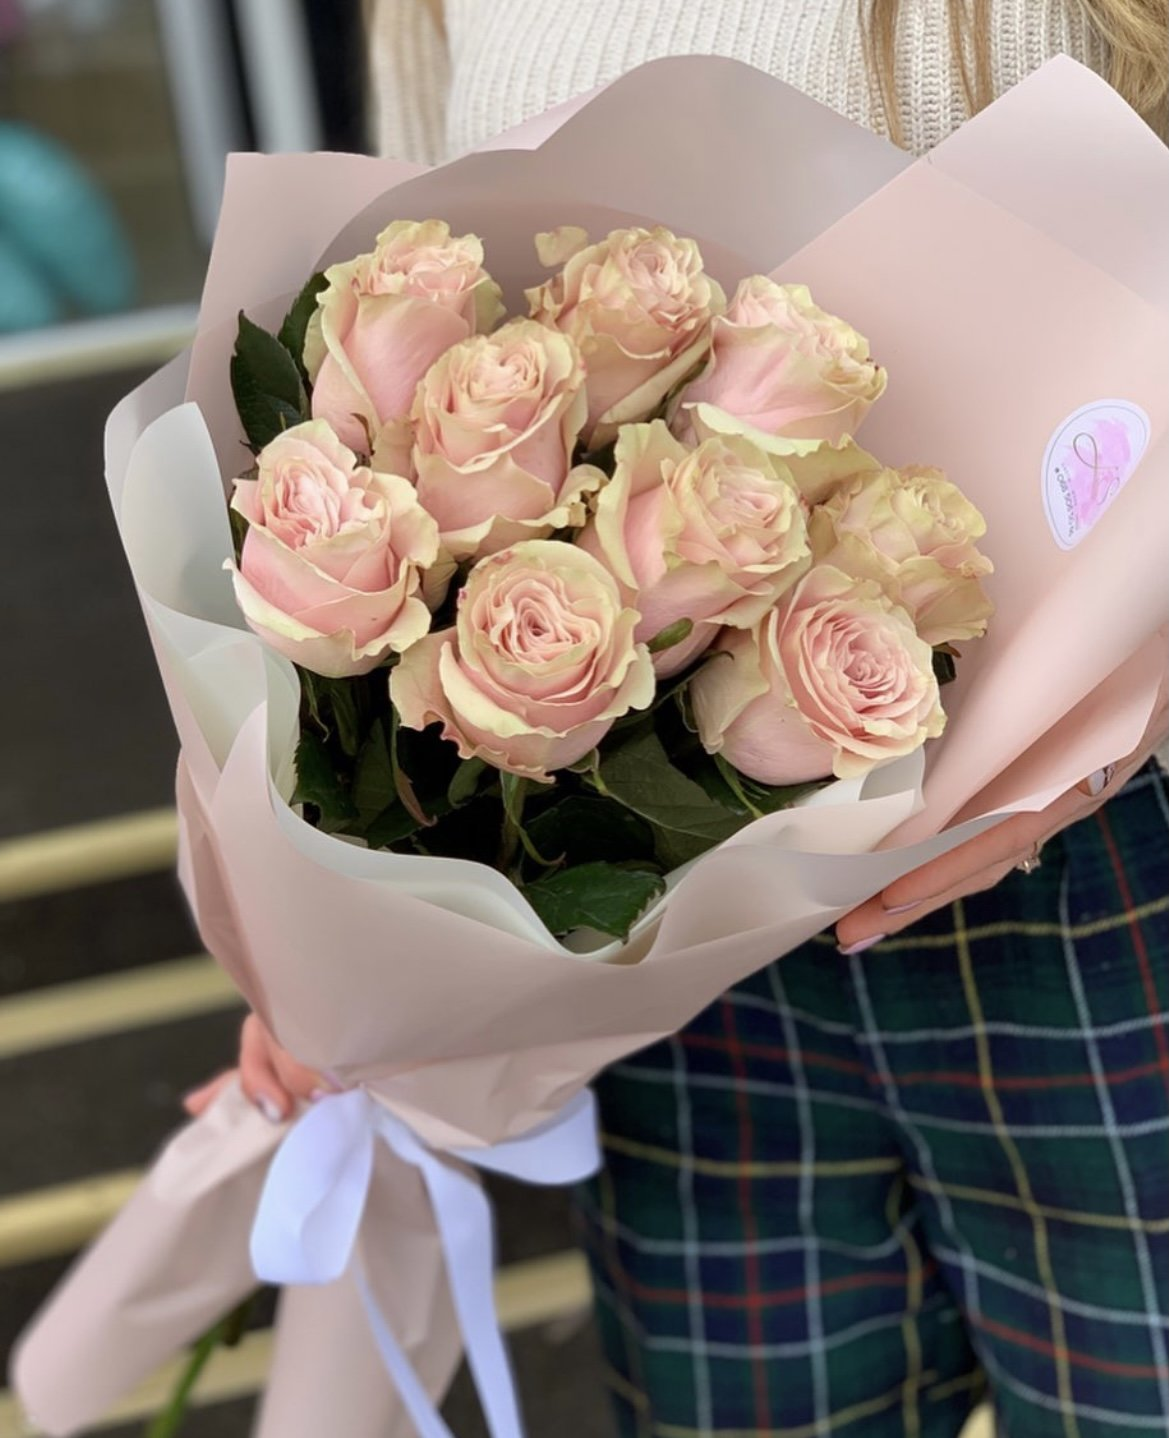 БЕСПЛАТНАЯ доставка голландских тюльпанов к вашему дому!, фото-2